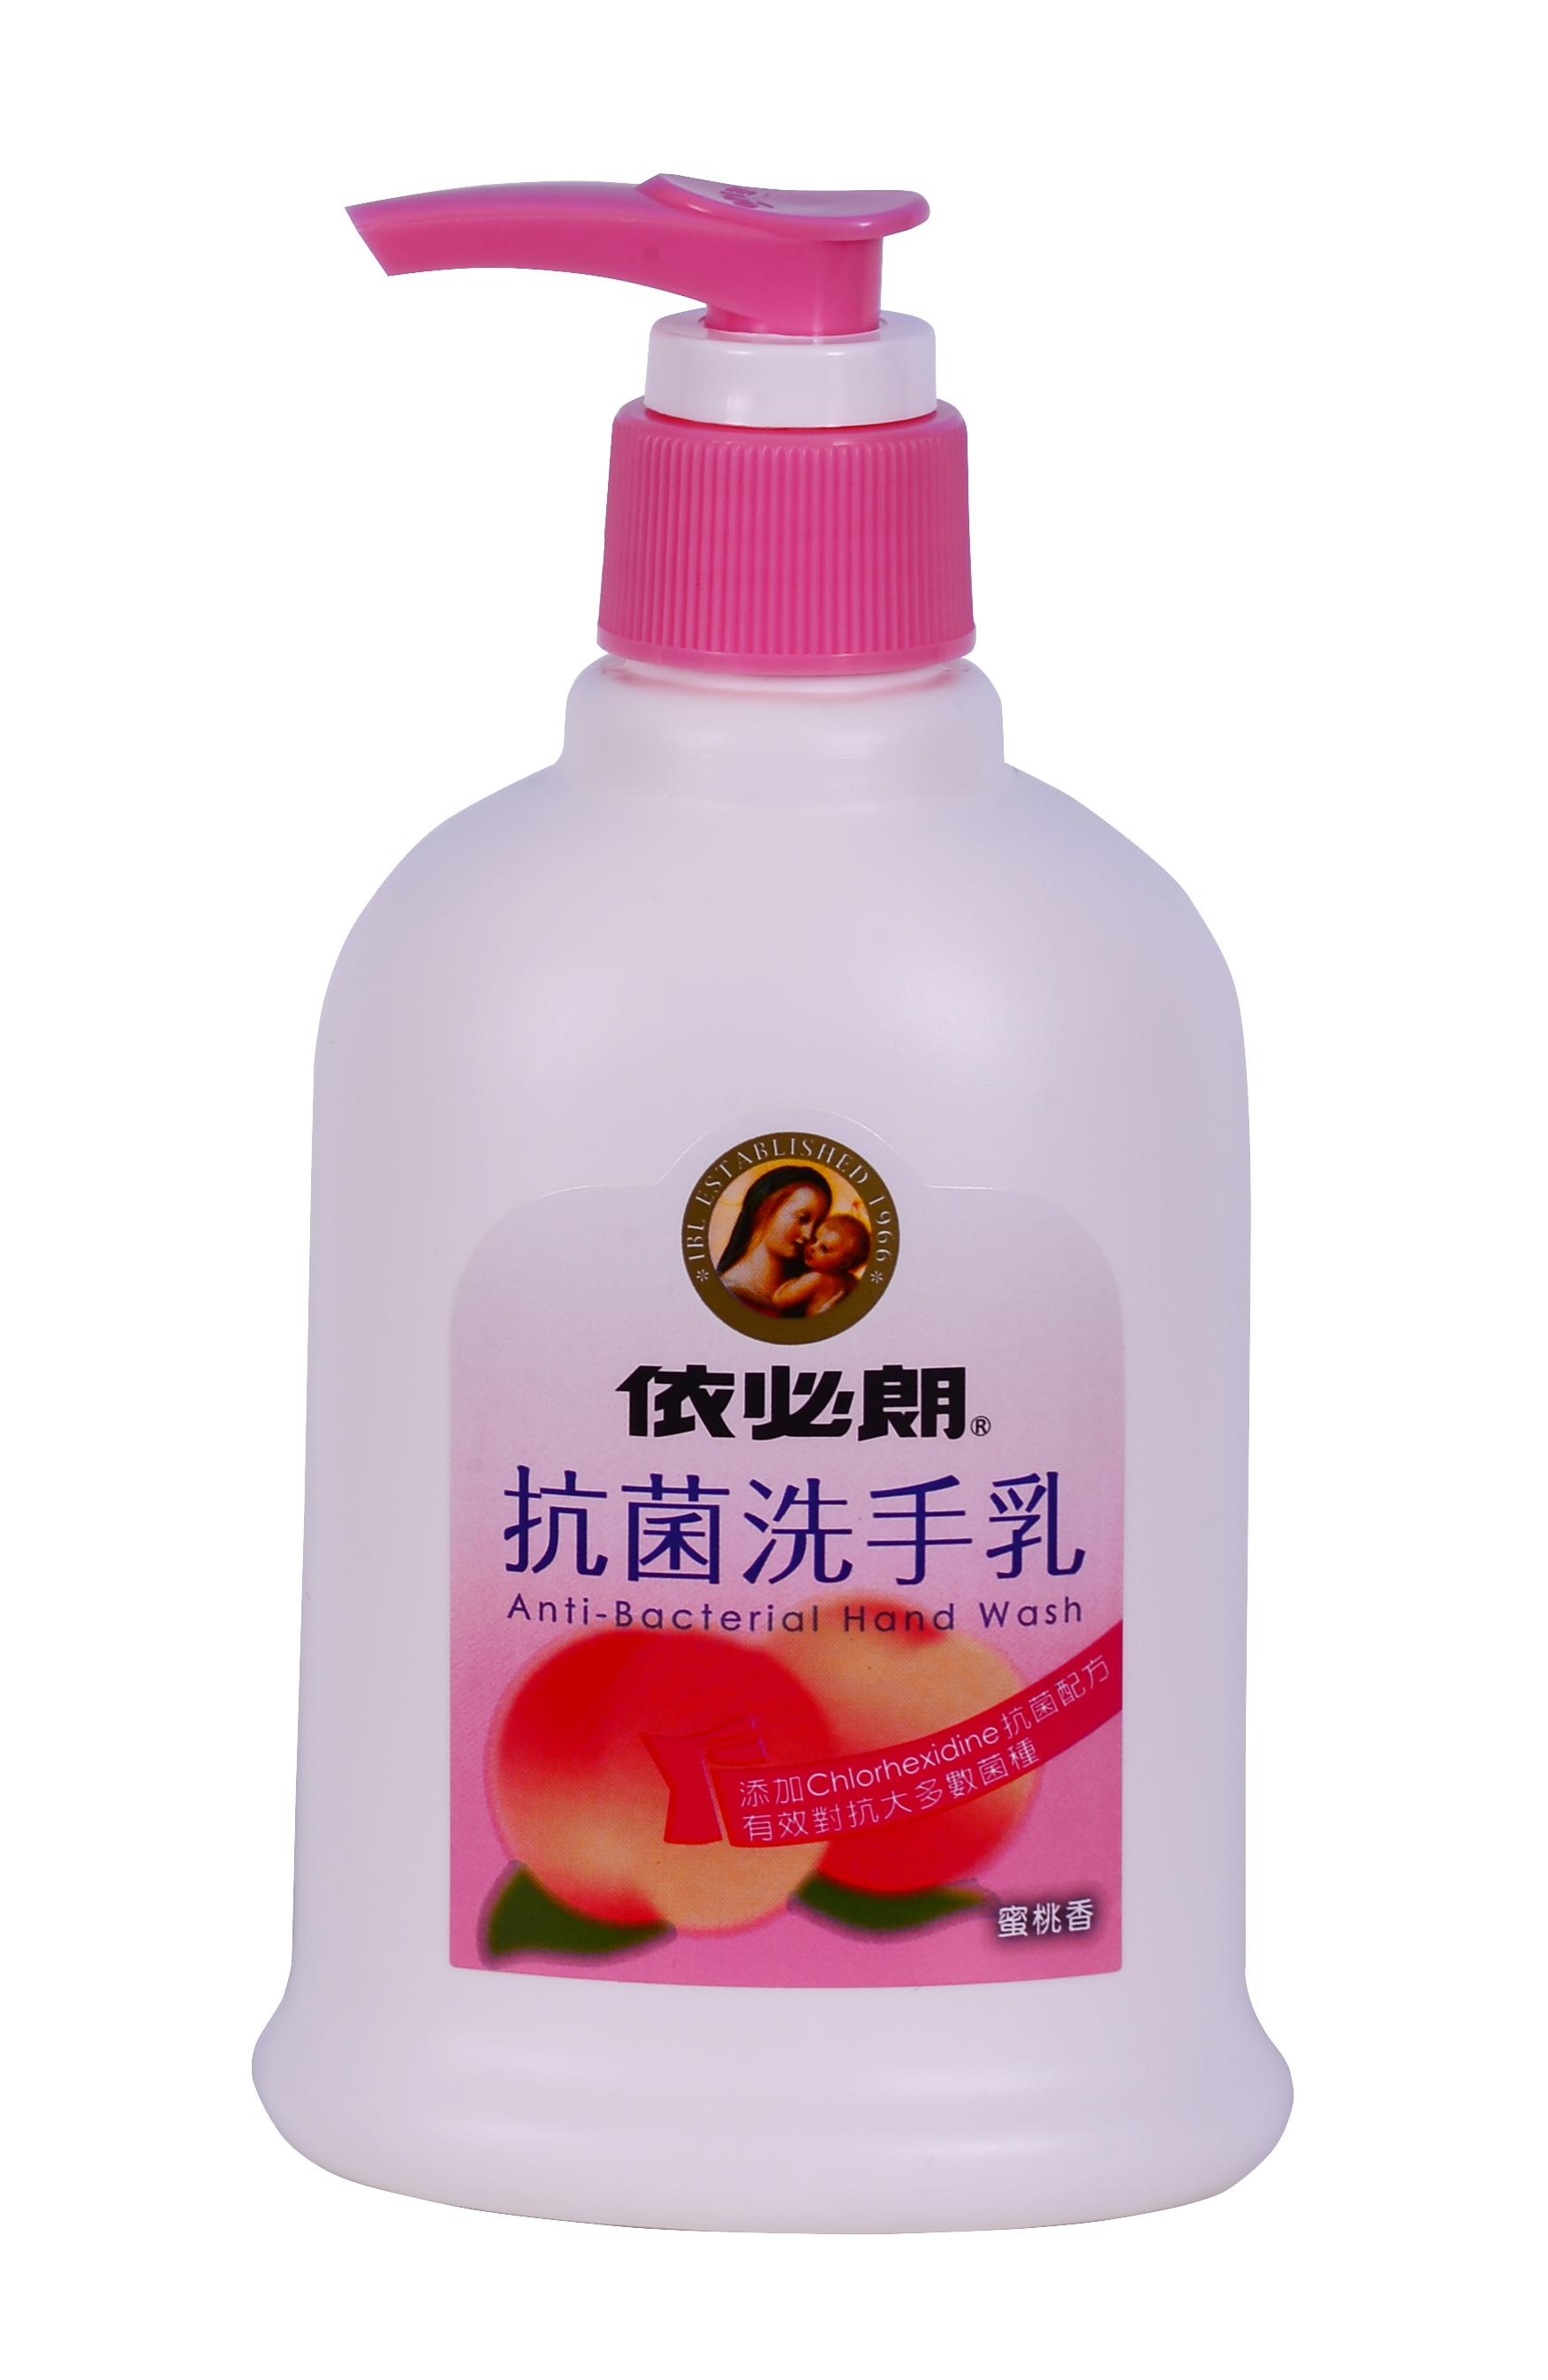 依必朗 抗菌洗手乳 (220ml)蜜桃香